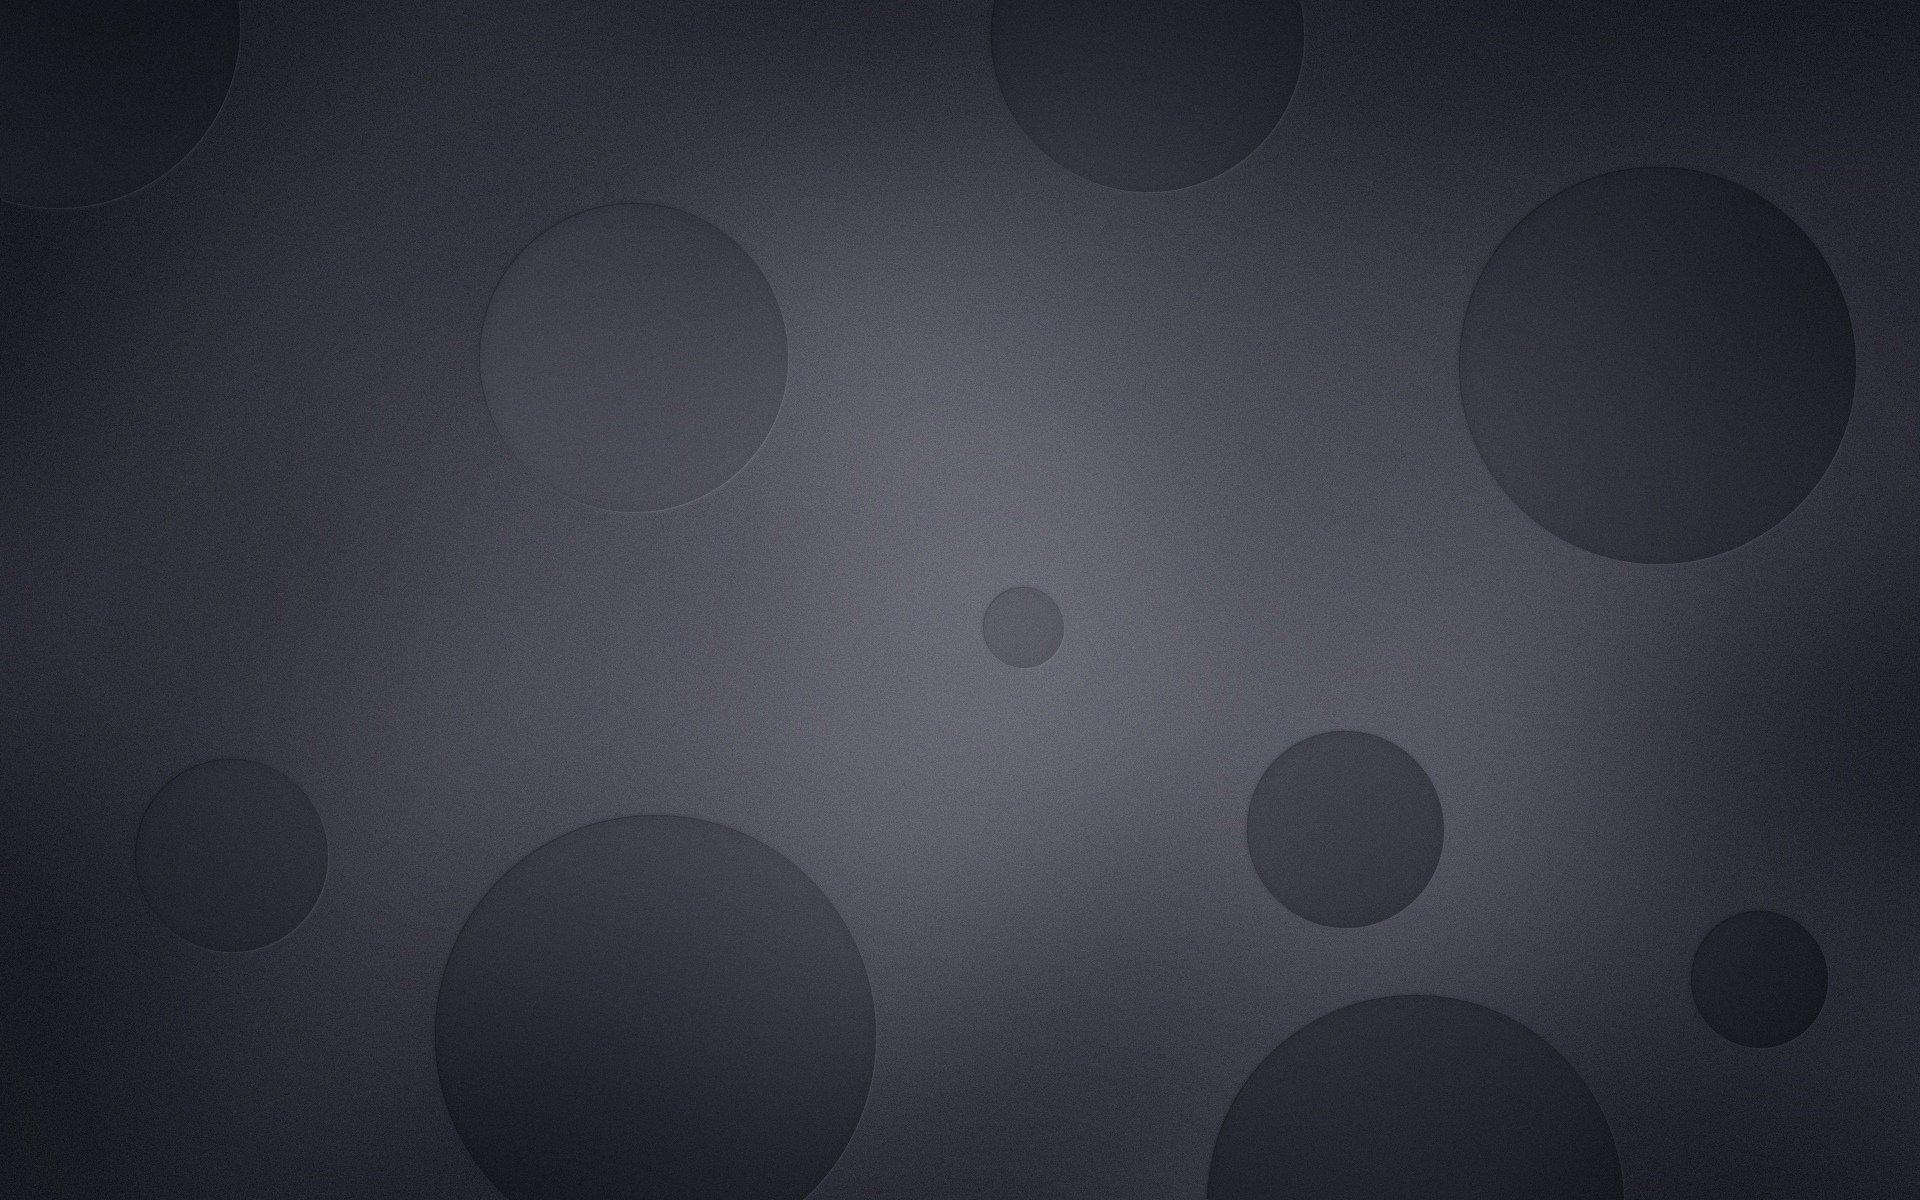 Abstract - Black  Digital Abstract Wallpaper